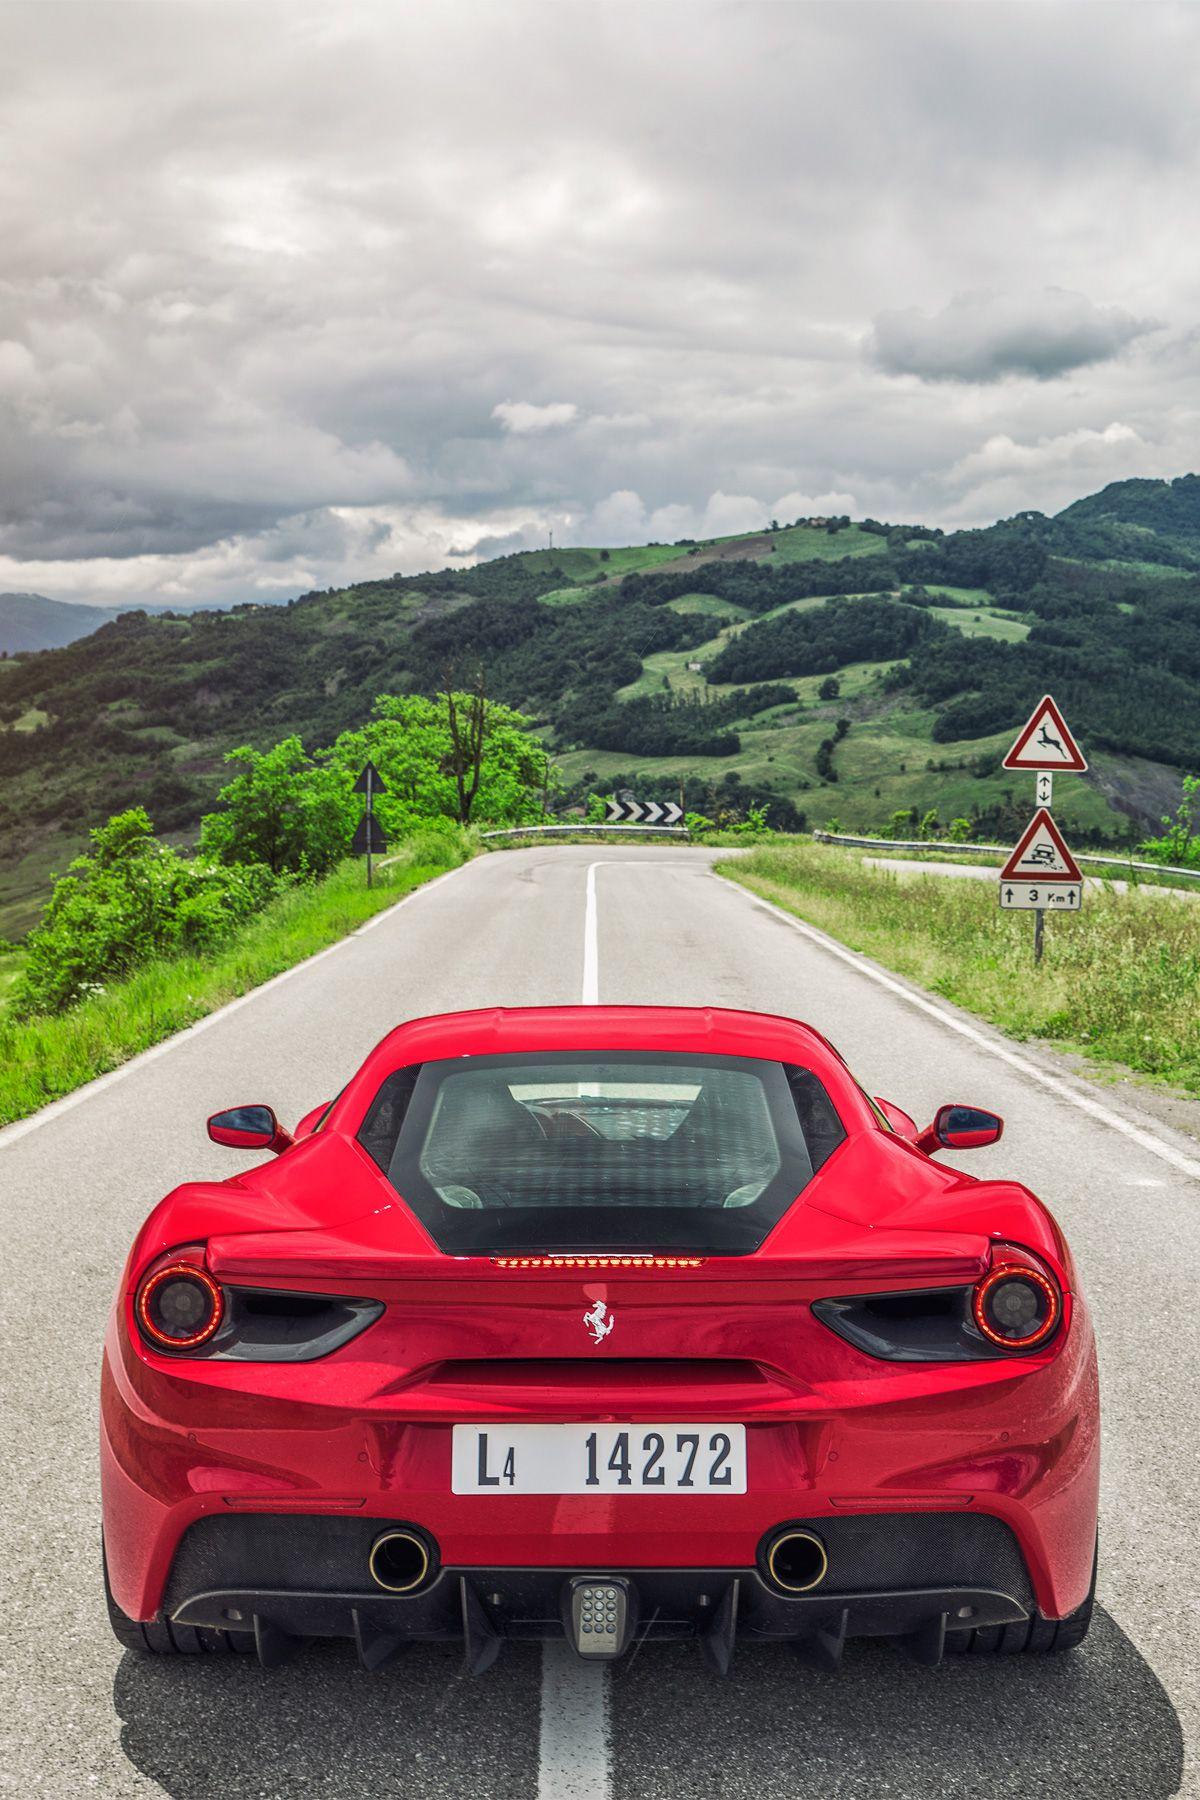 2016 Ferrari 488 Gtb 1985 Ferrari 288 Gto Photo Gallery